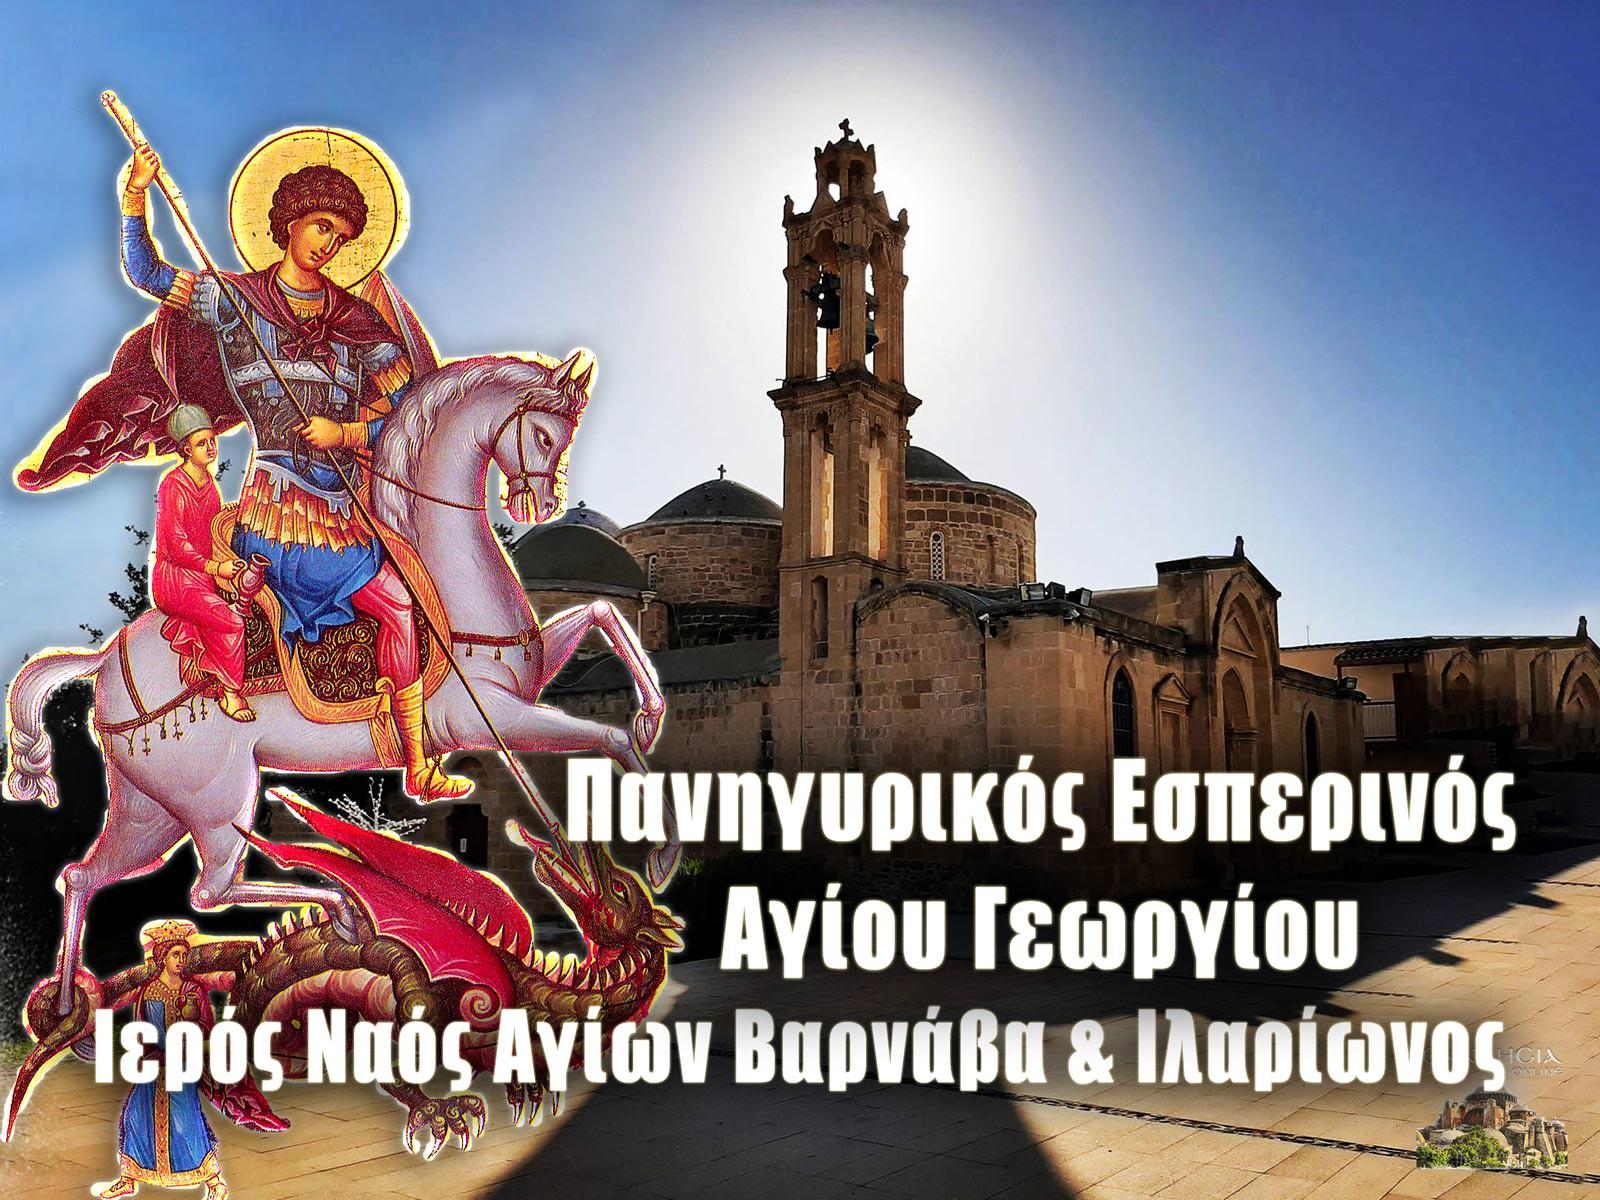 Εσπερινός Αγίου Γεωργίου